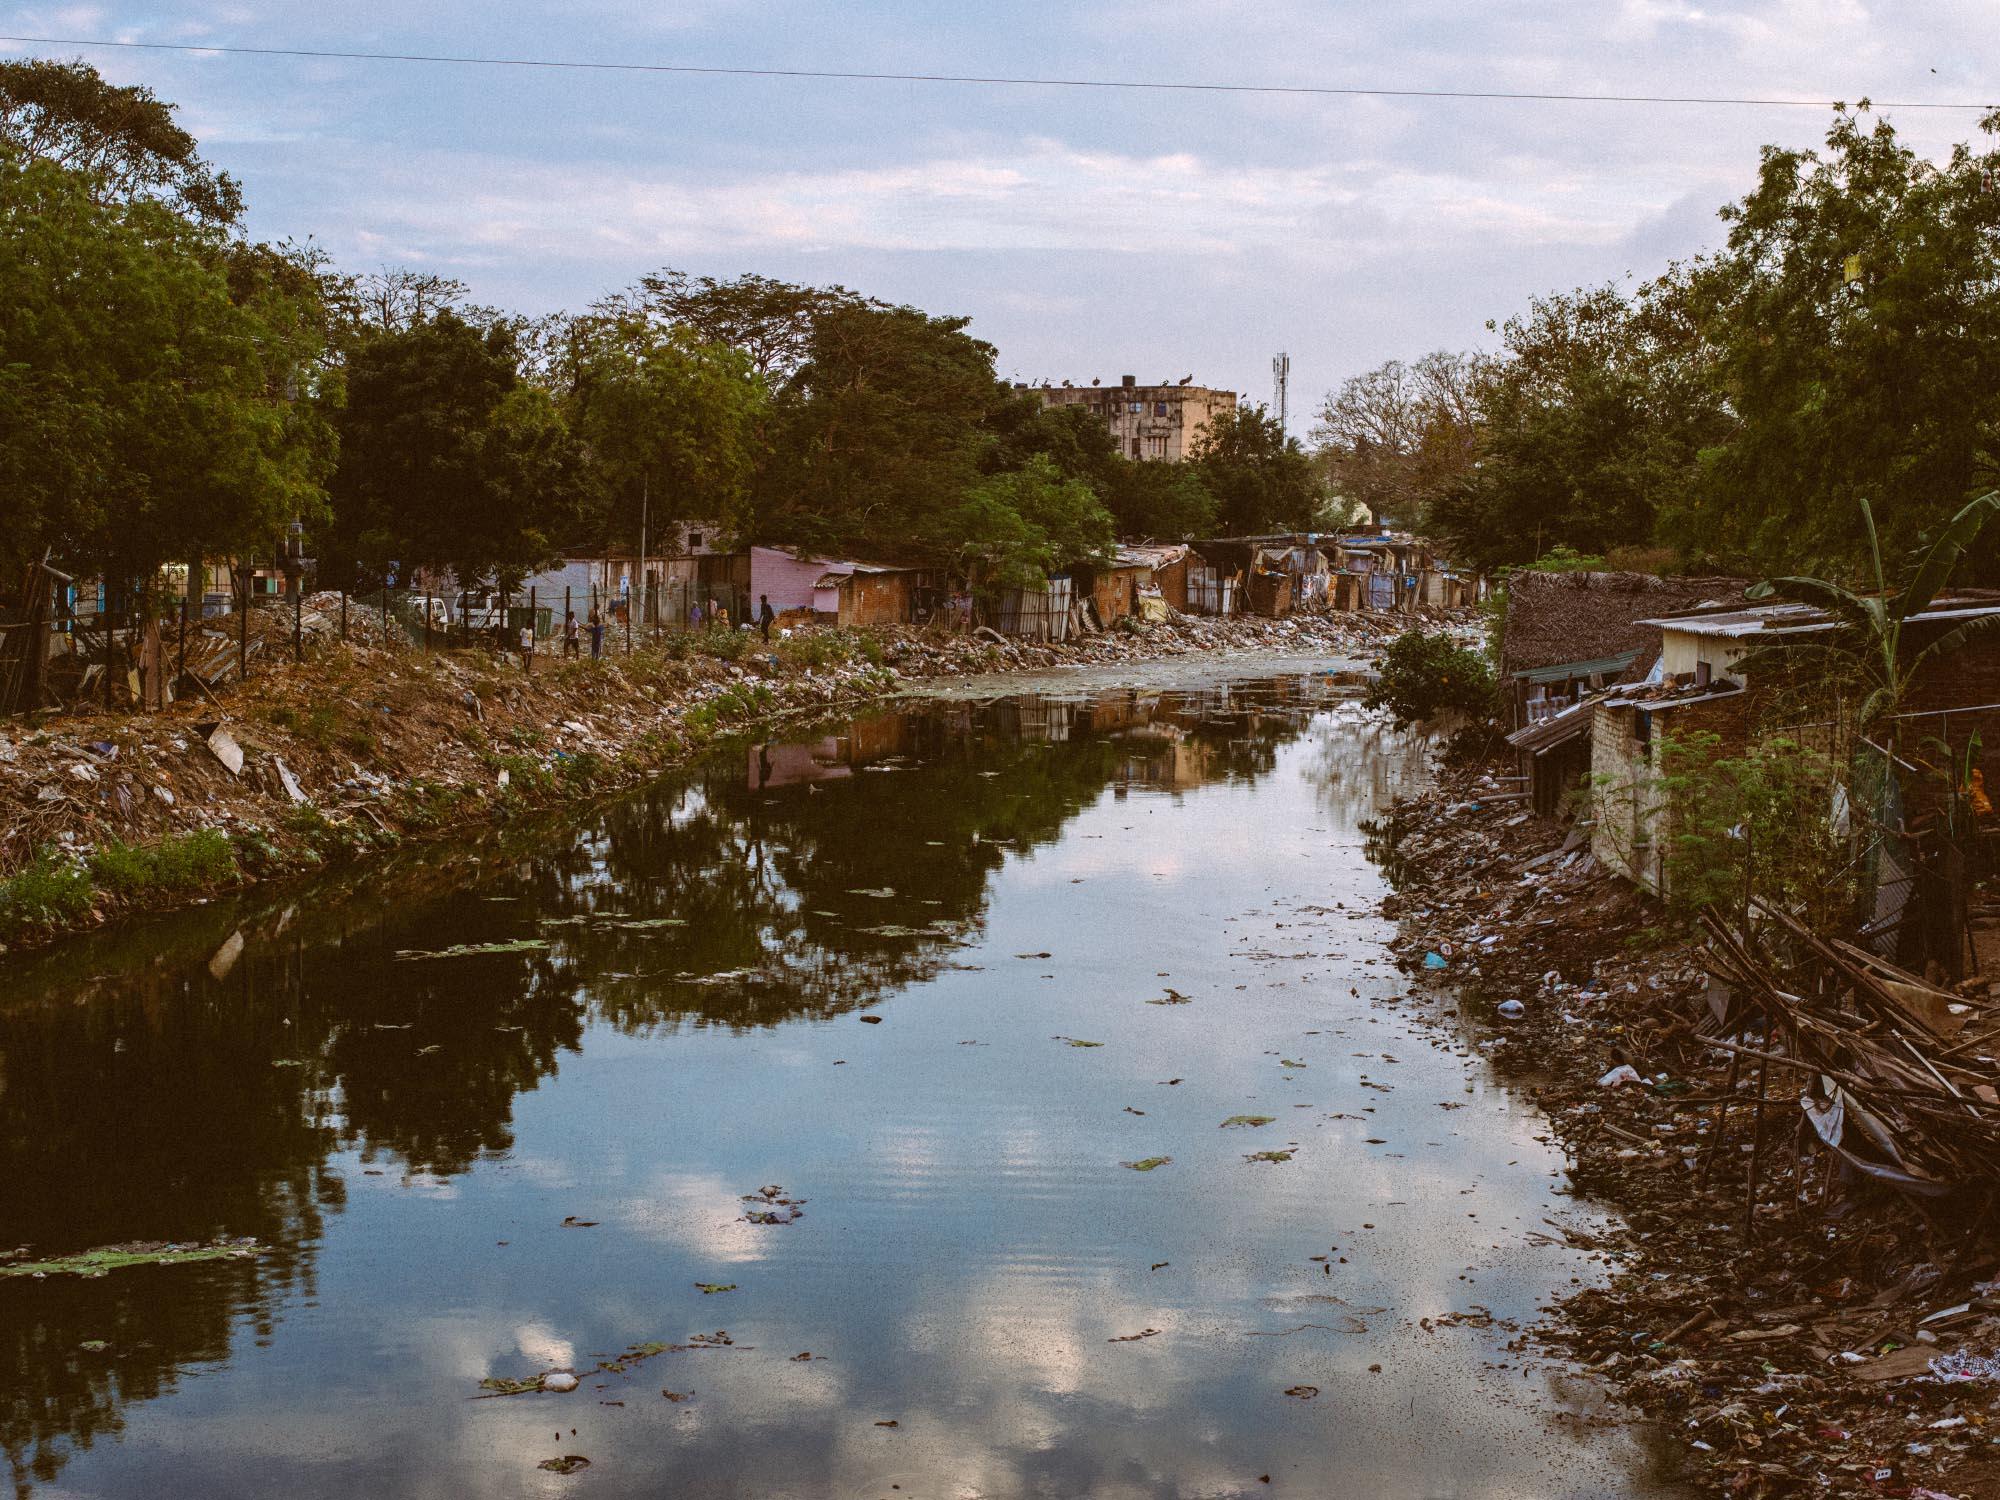 Random river in Chennai. Sadly, we've seen far worse than this...